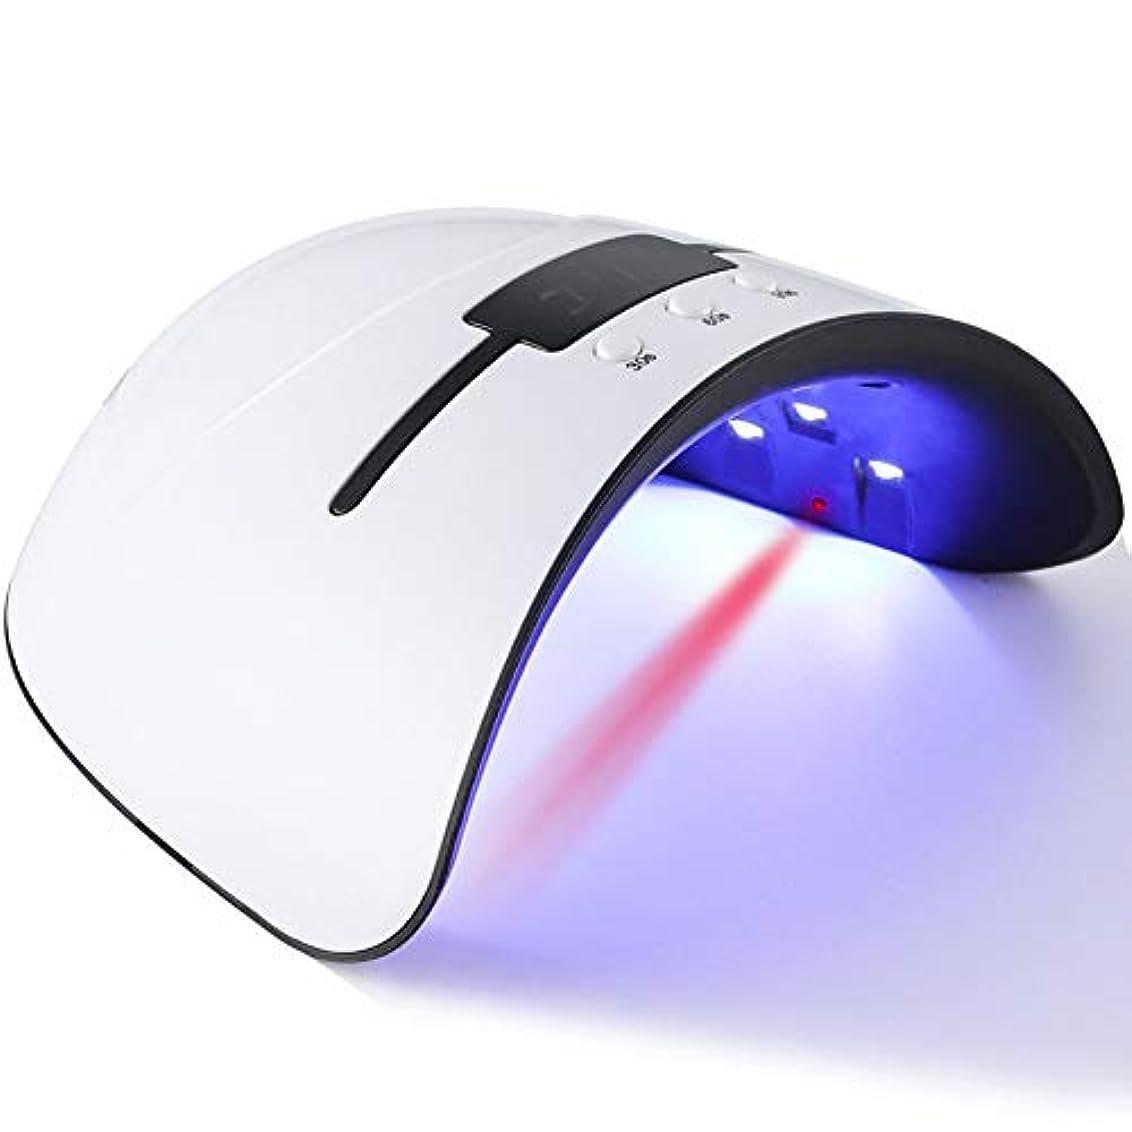 ブースやけどアルファベット硬化ライト ネイルlight ジェルネイル LED ネイルドライヤー 日本語説明書付属 36W 無痛硬化 赤外線検知